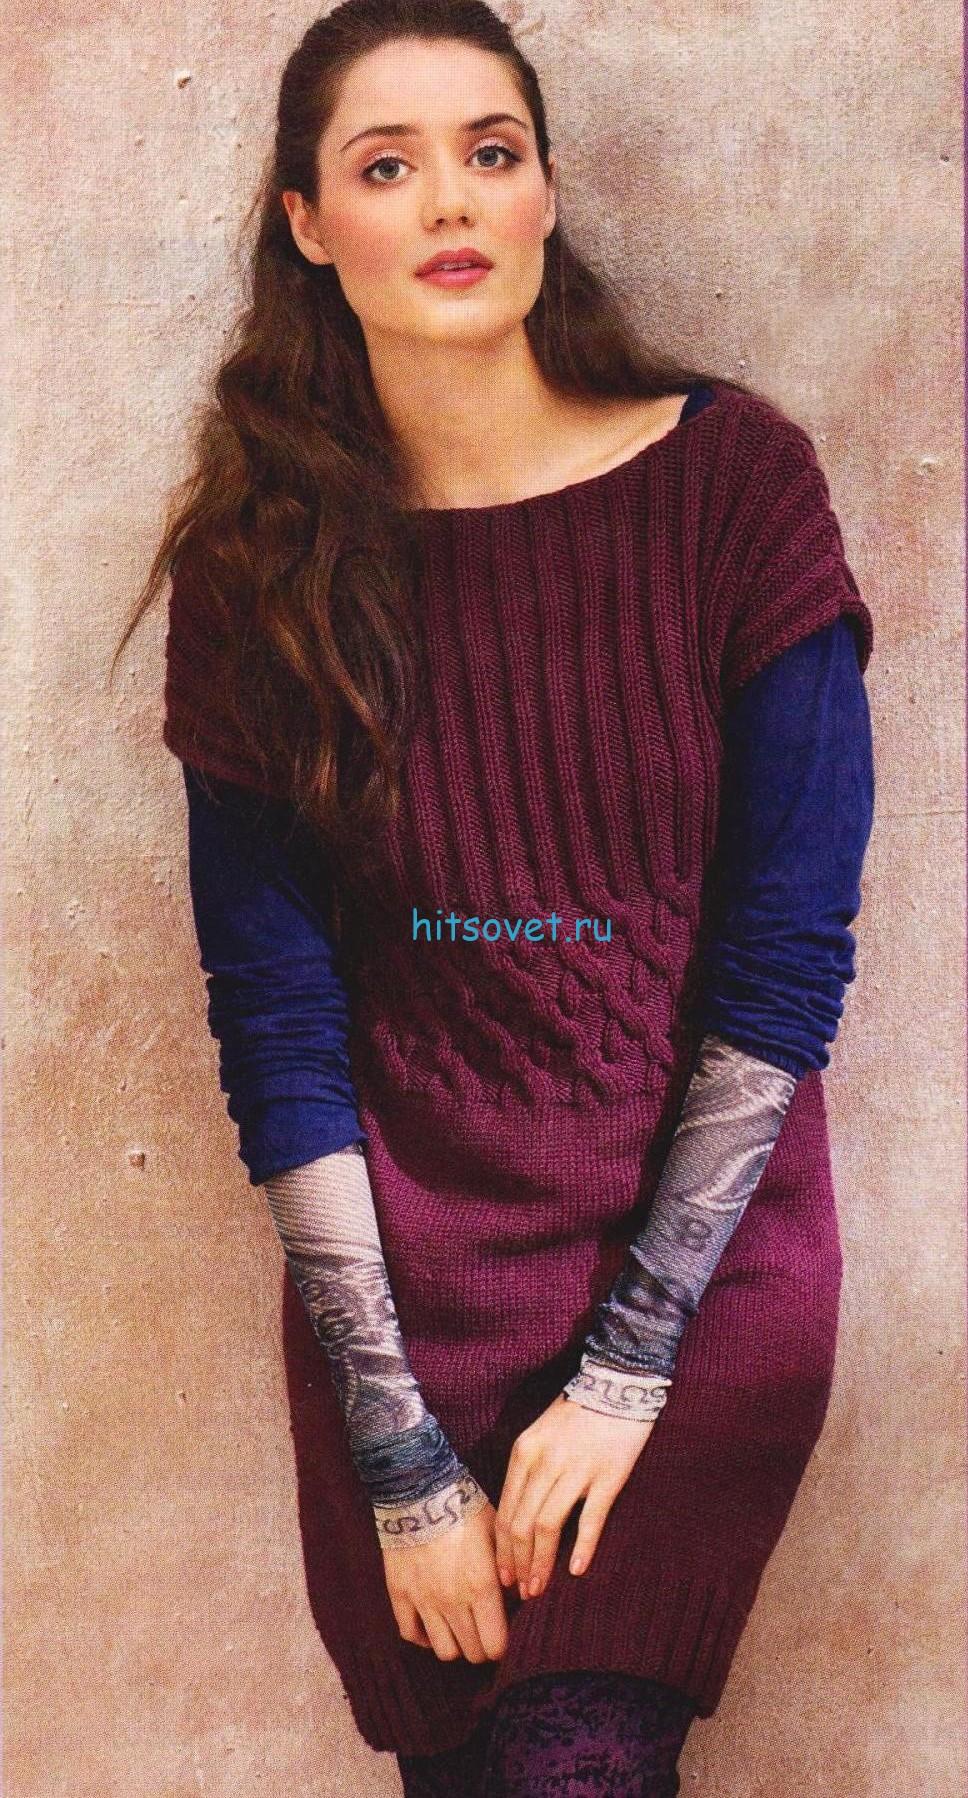 Вязание бордовой туники с косами, фото.